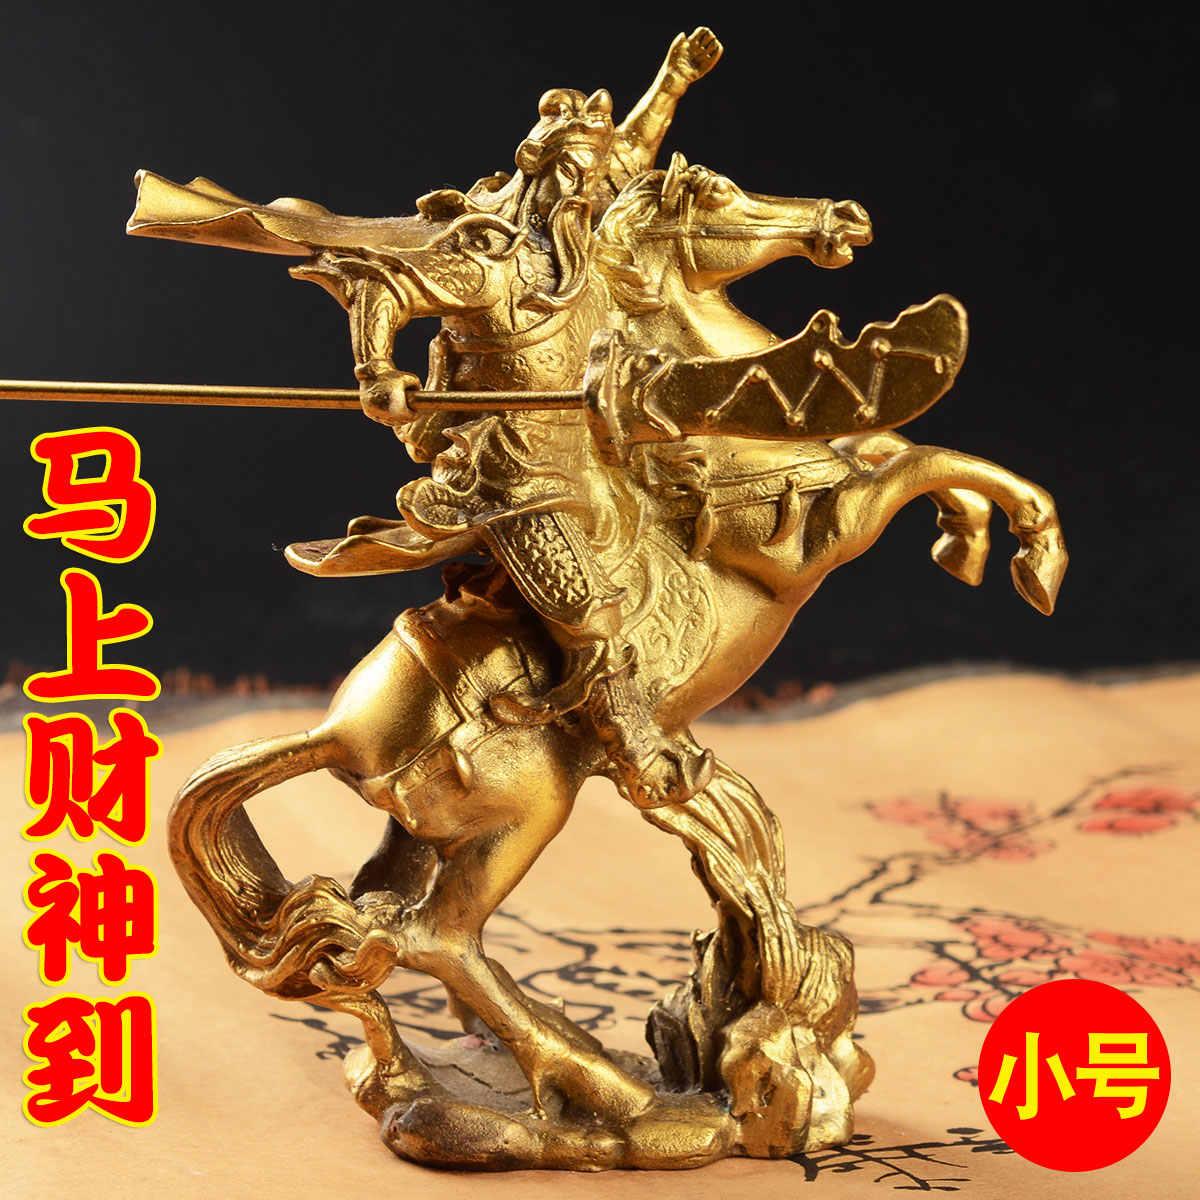 Статуя медная Гуань Ю, украшения, Гуань гонг, Бог богатства, статуи, статуэтка Будды, 2 размера опционально